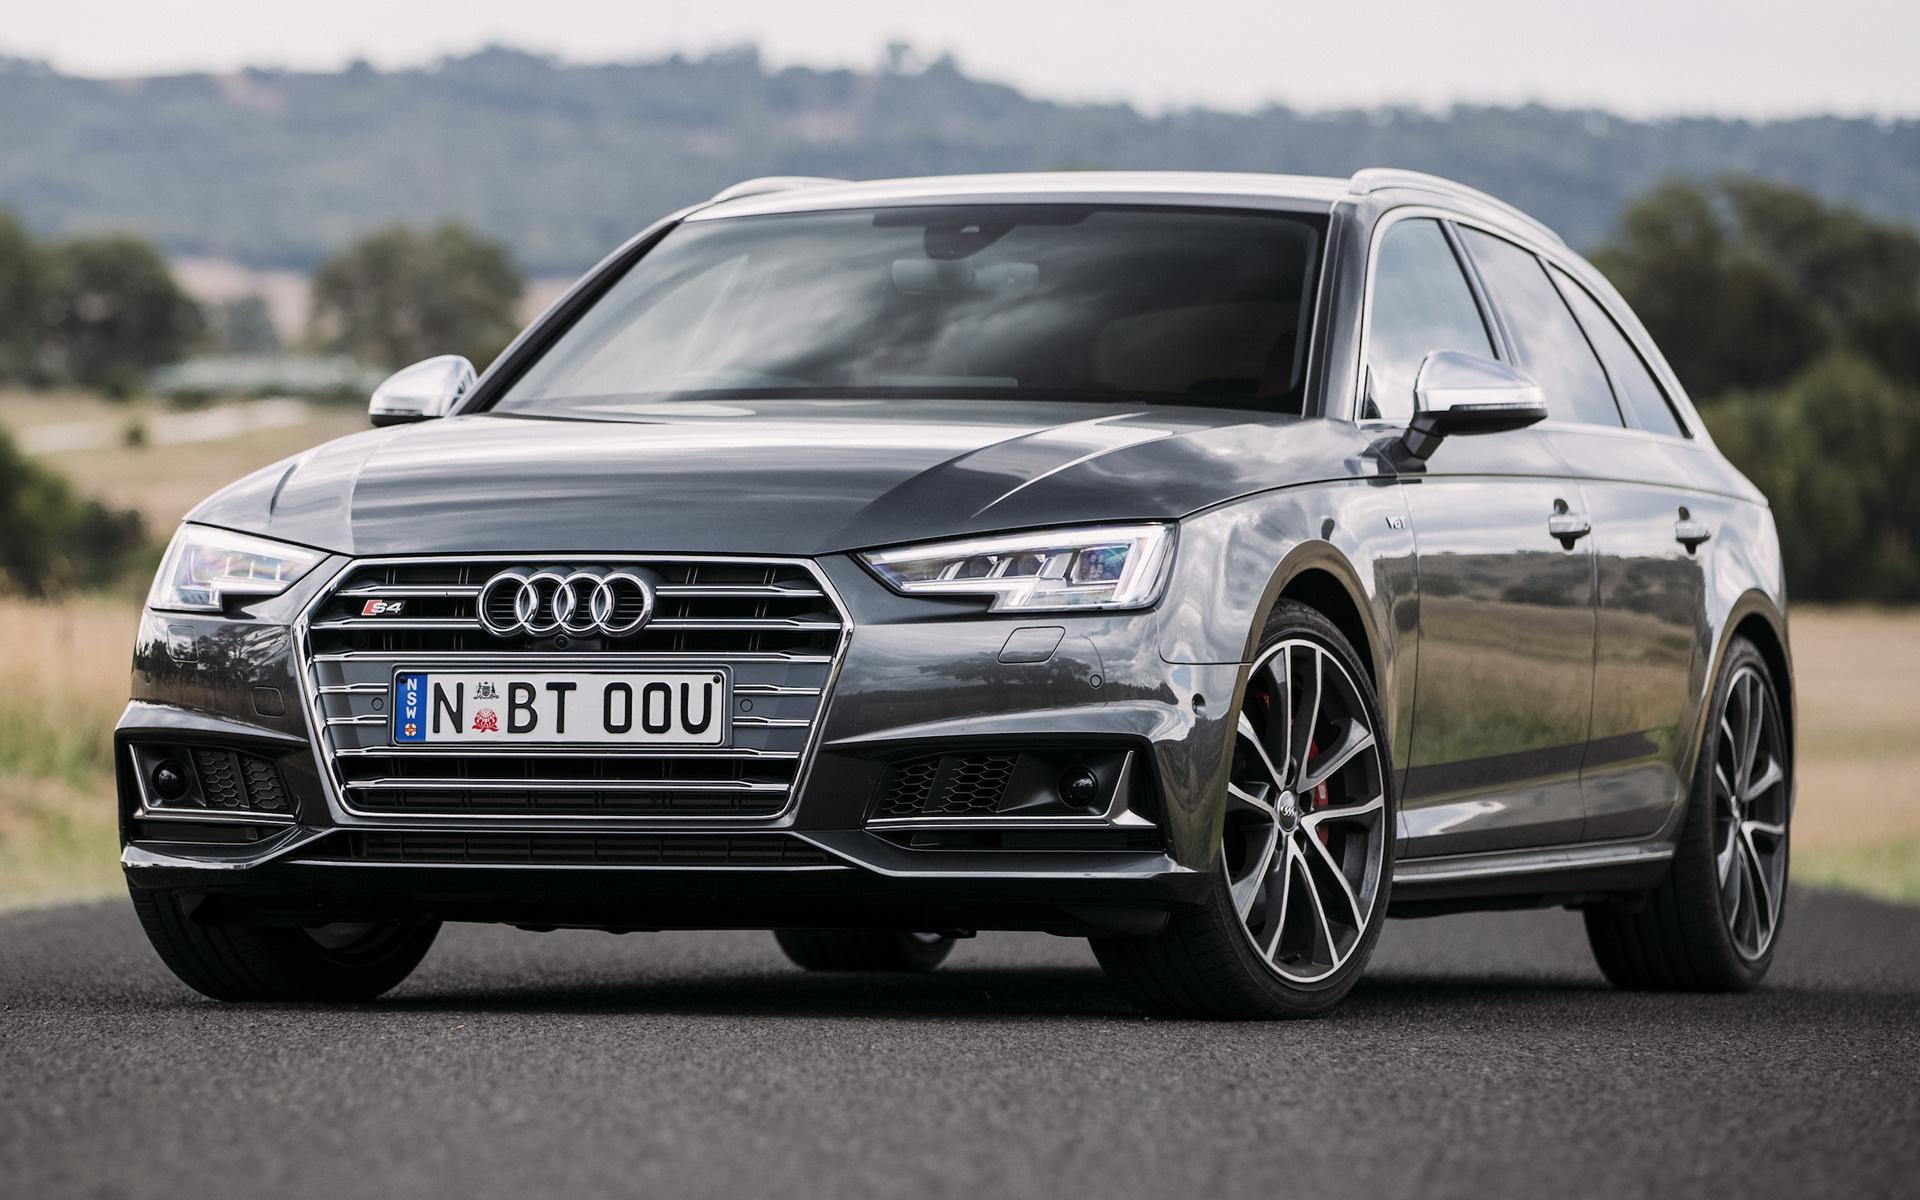 Audi S Avant AU Wallpapers And HD Images Car Pixel - Audi s4 avant